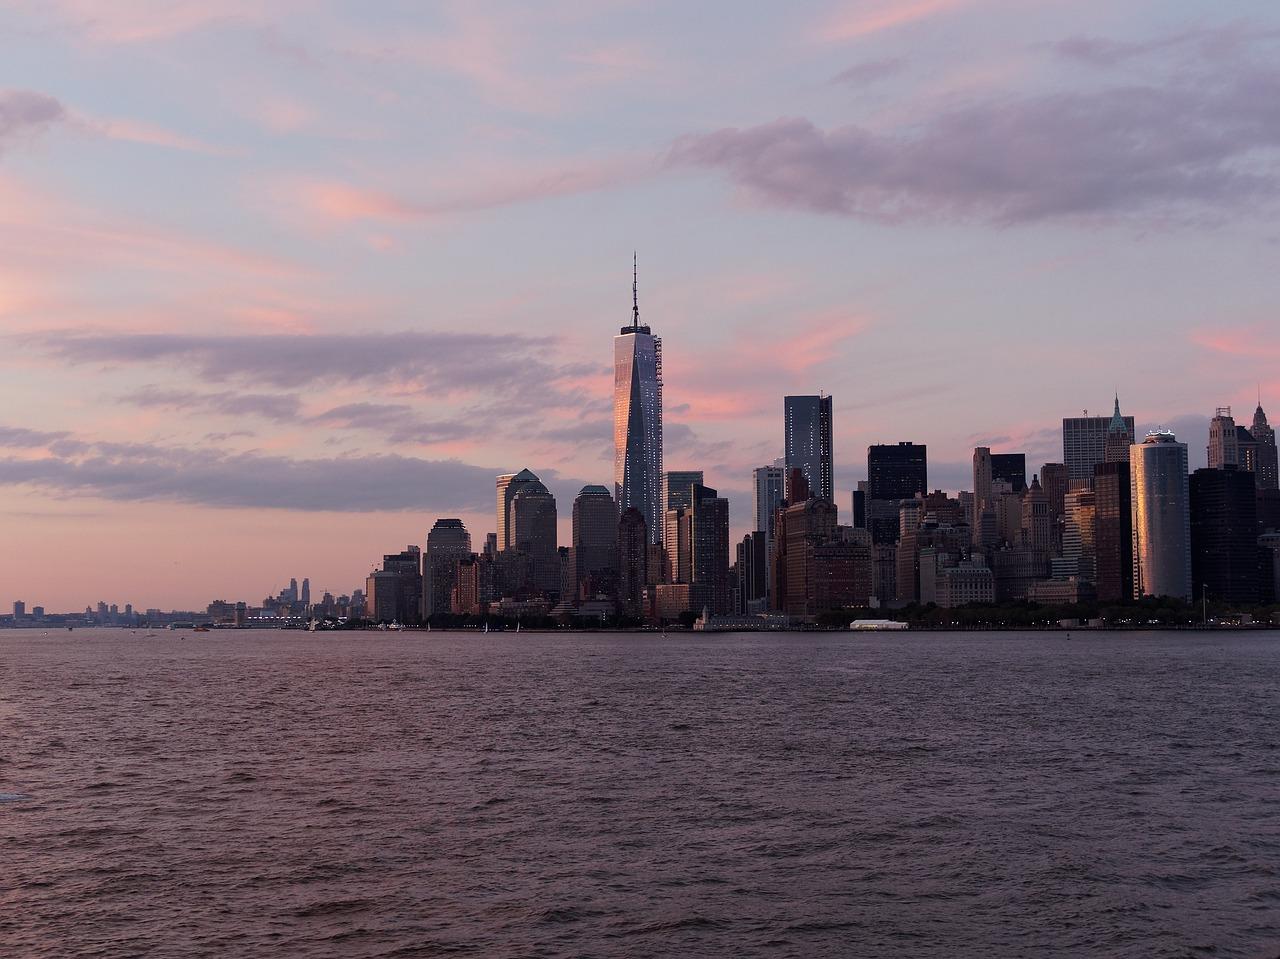 British Airways Partner Special nach New York - InsideFlyer DE